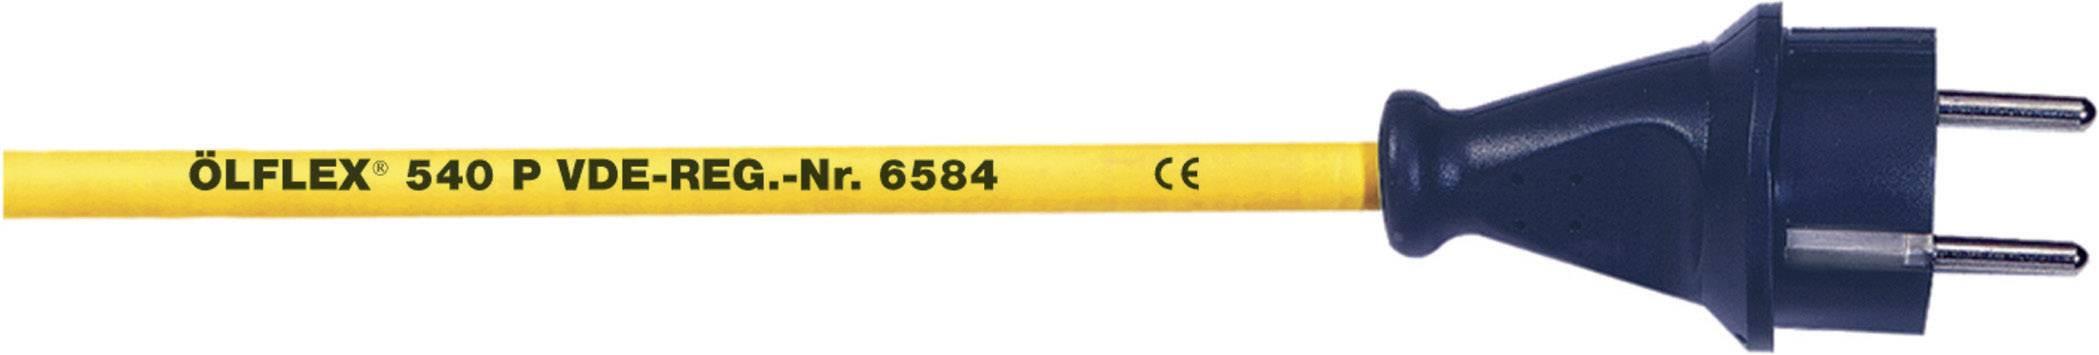 Připojovací kabel NETZFLEXR 3G1,0 2000